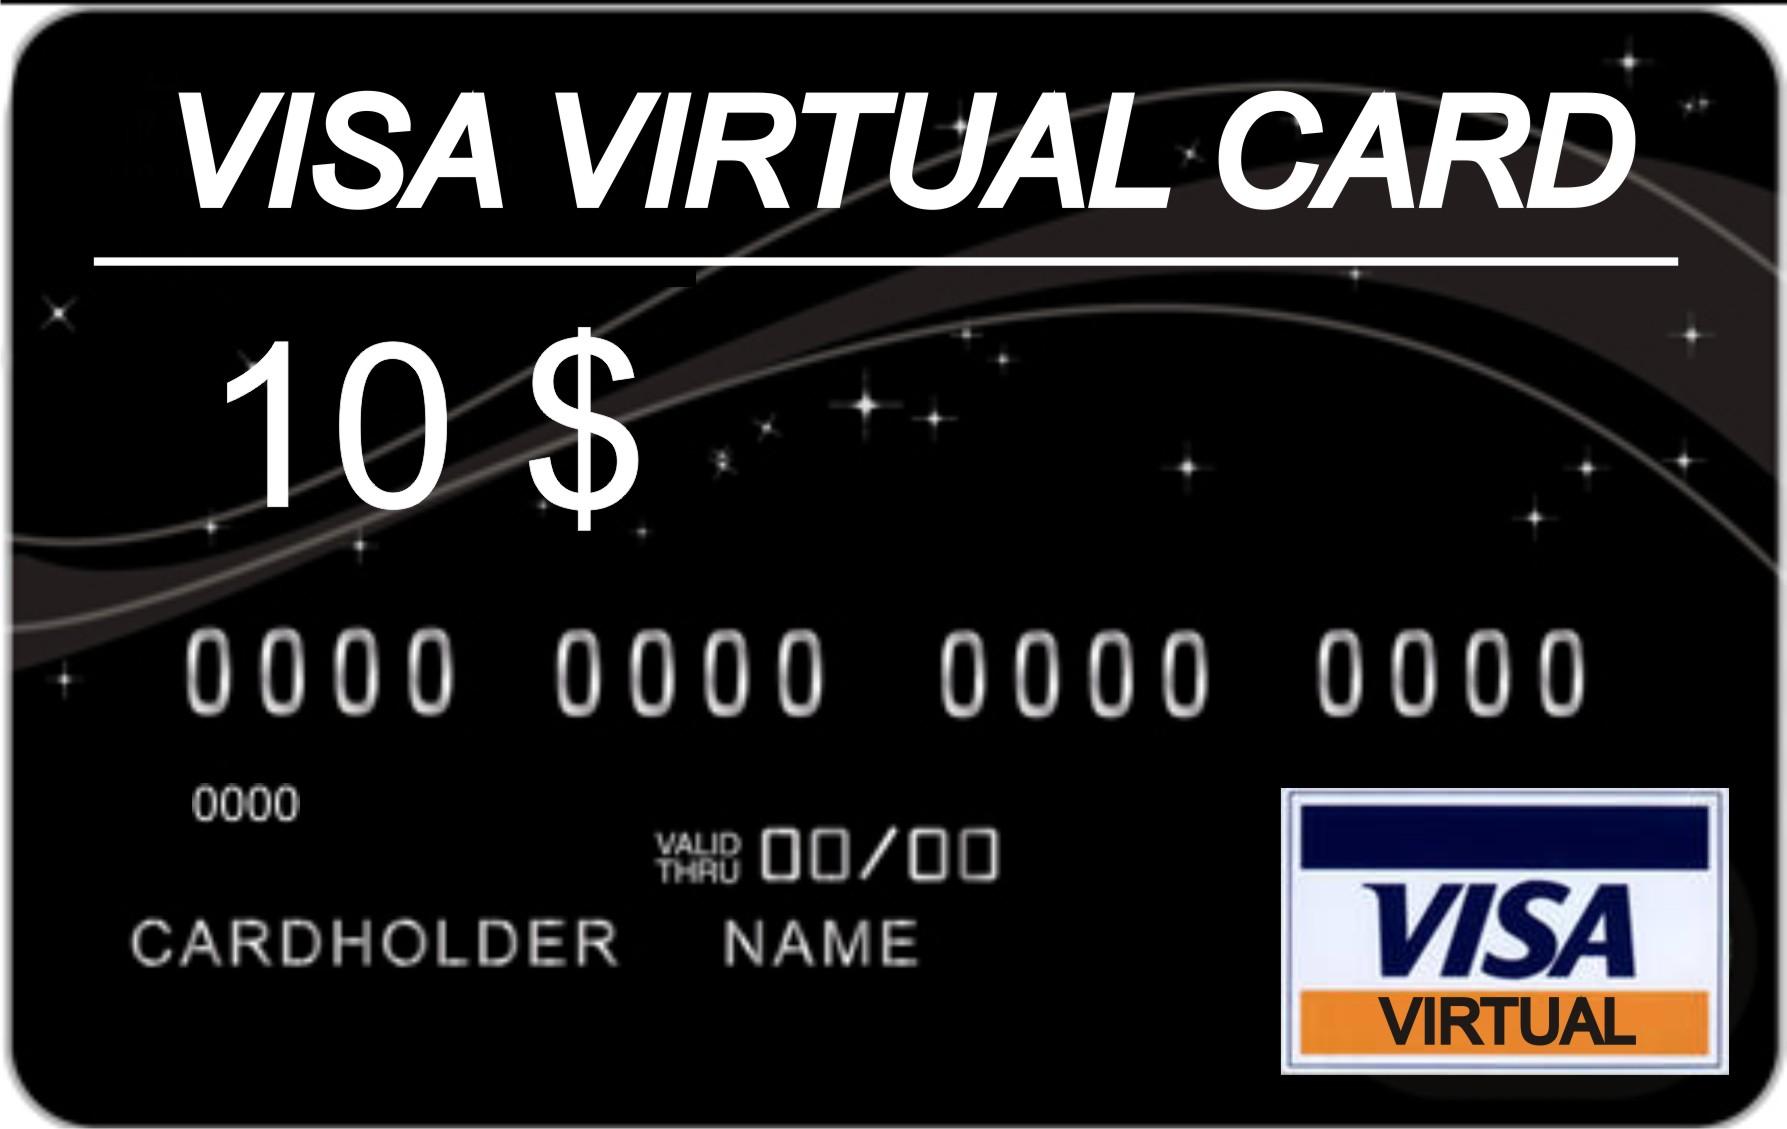 Виртуальная кредитная карта Виза